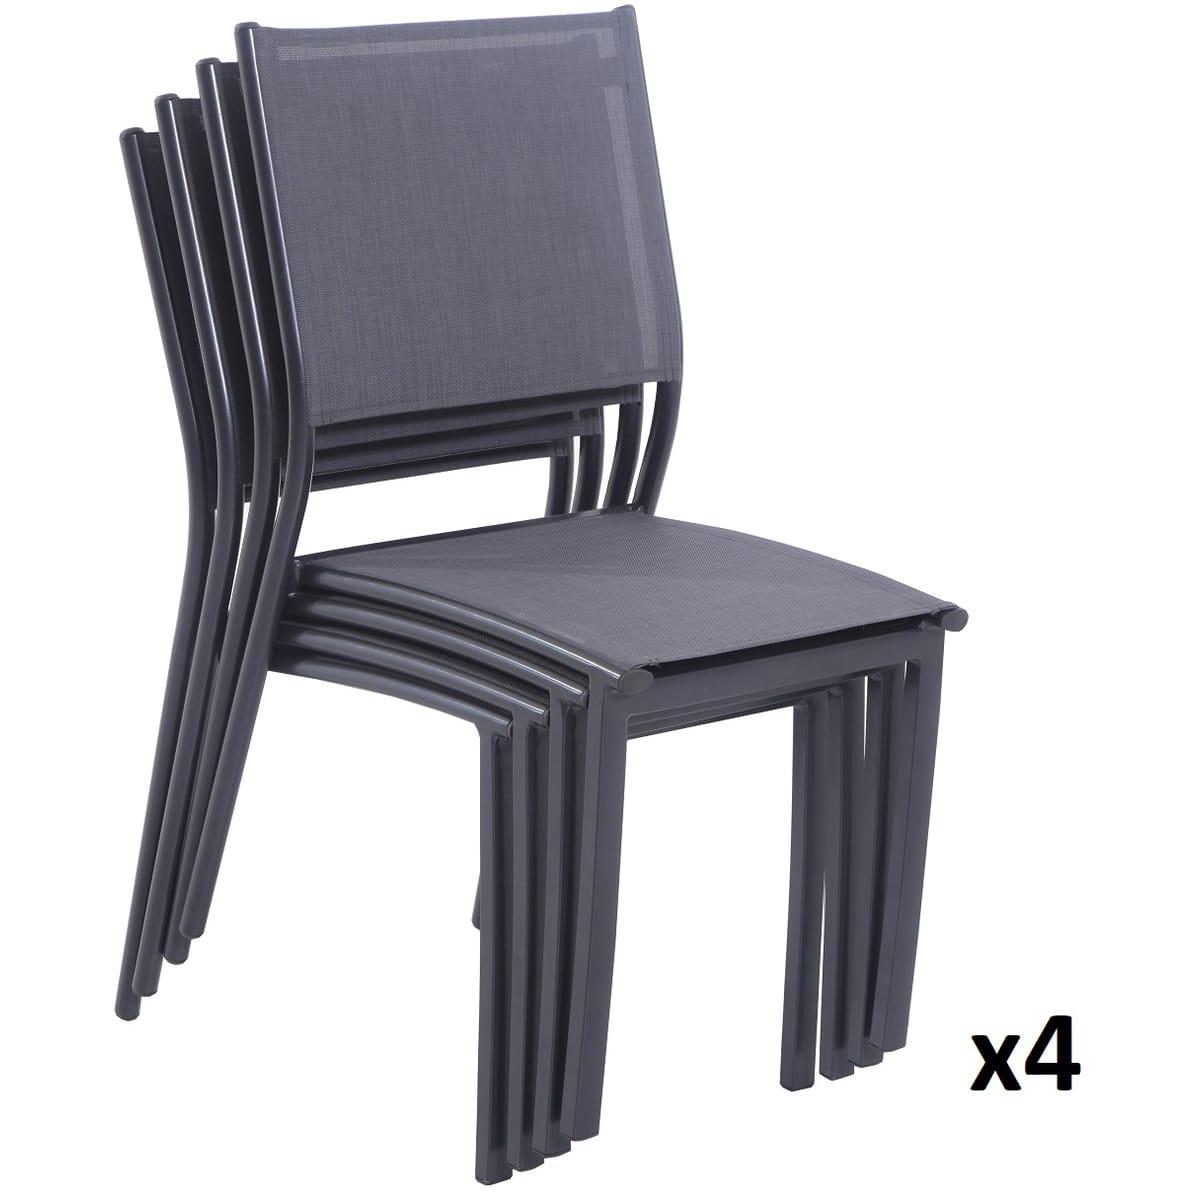 Creador Lot De 4 Chaises Empilables Textilène Gris Anthracite Clara dedans Salon De Jardin Auchan